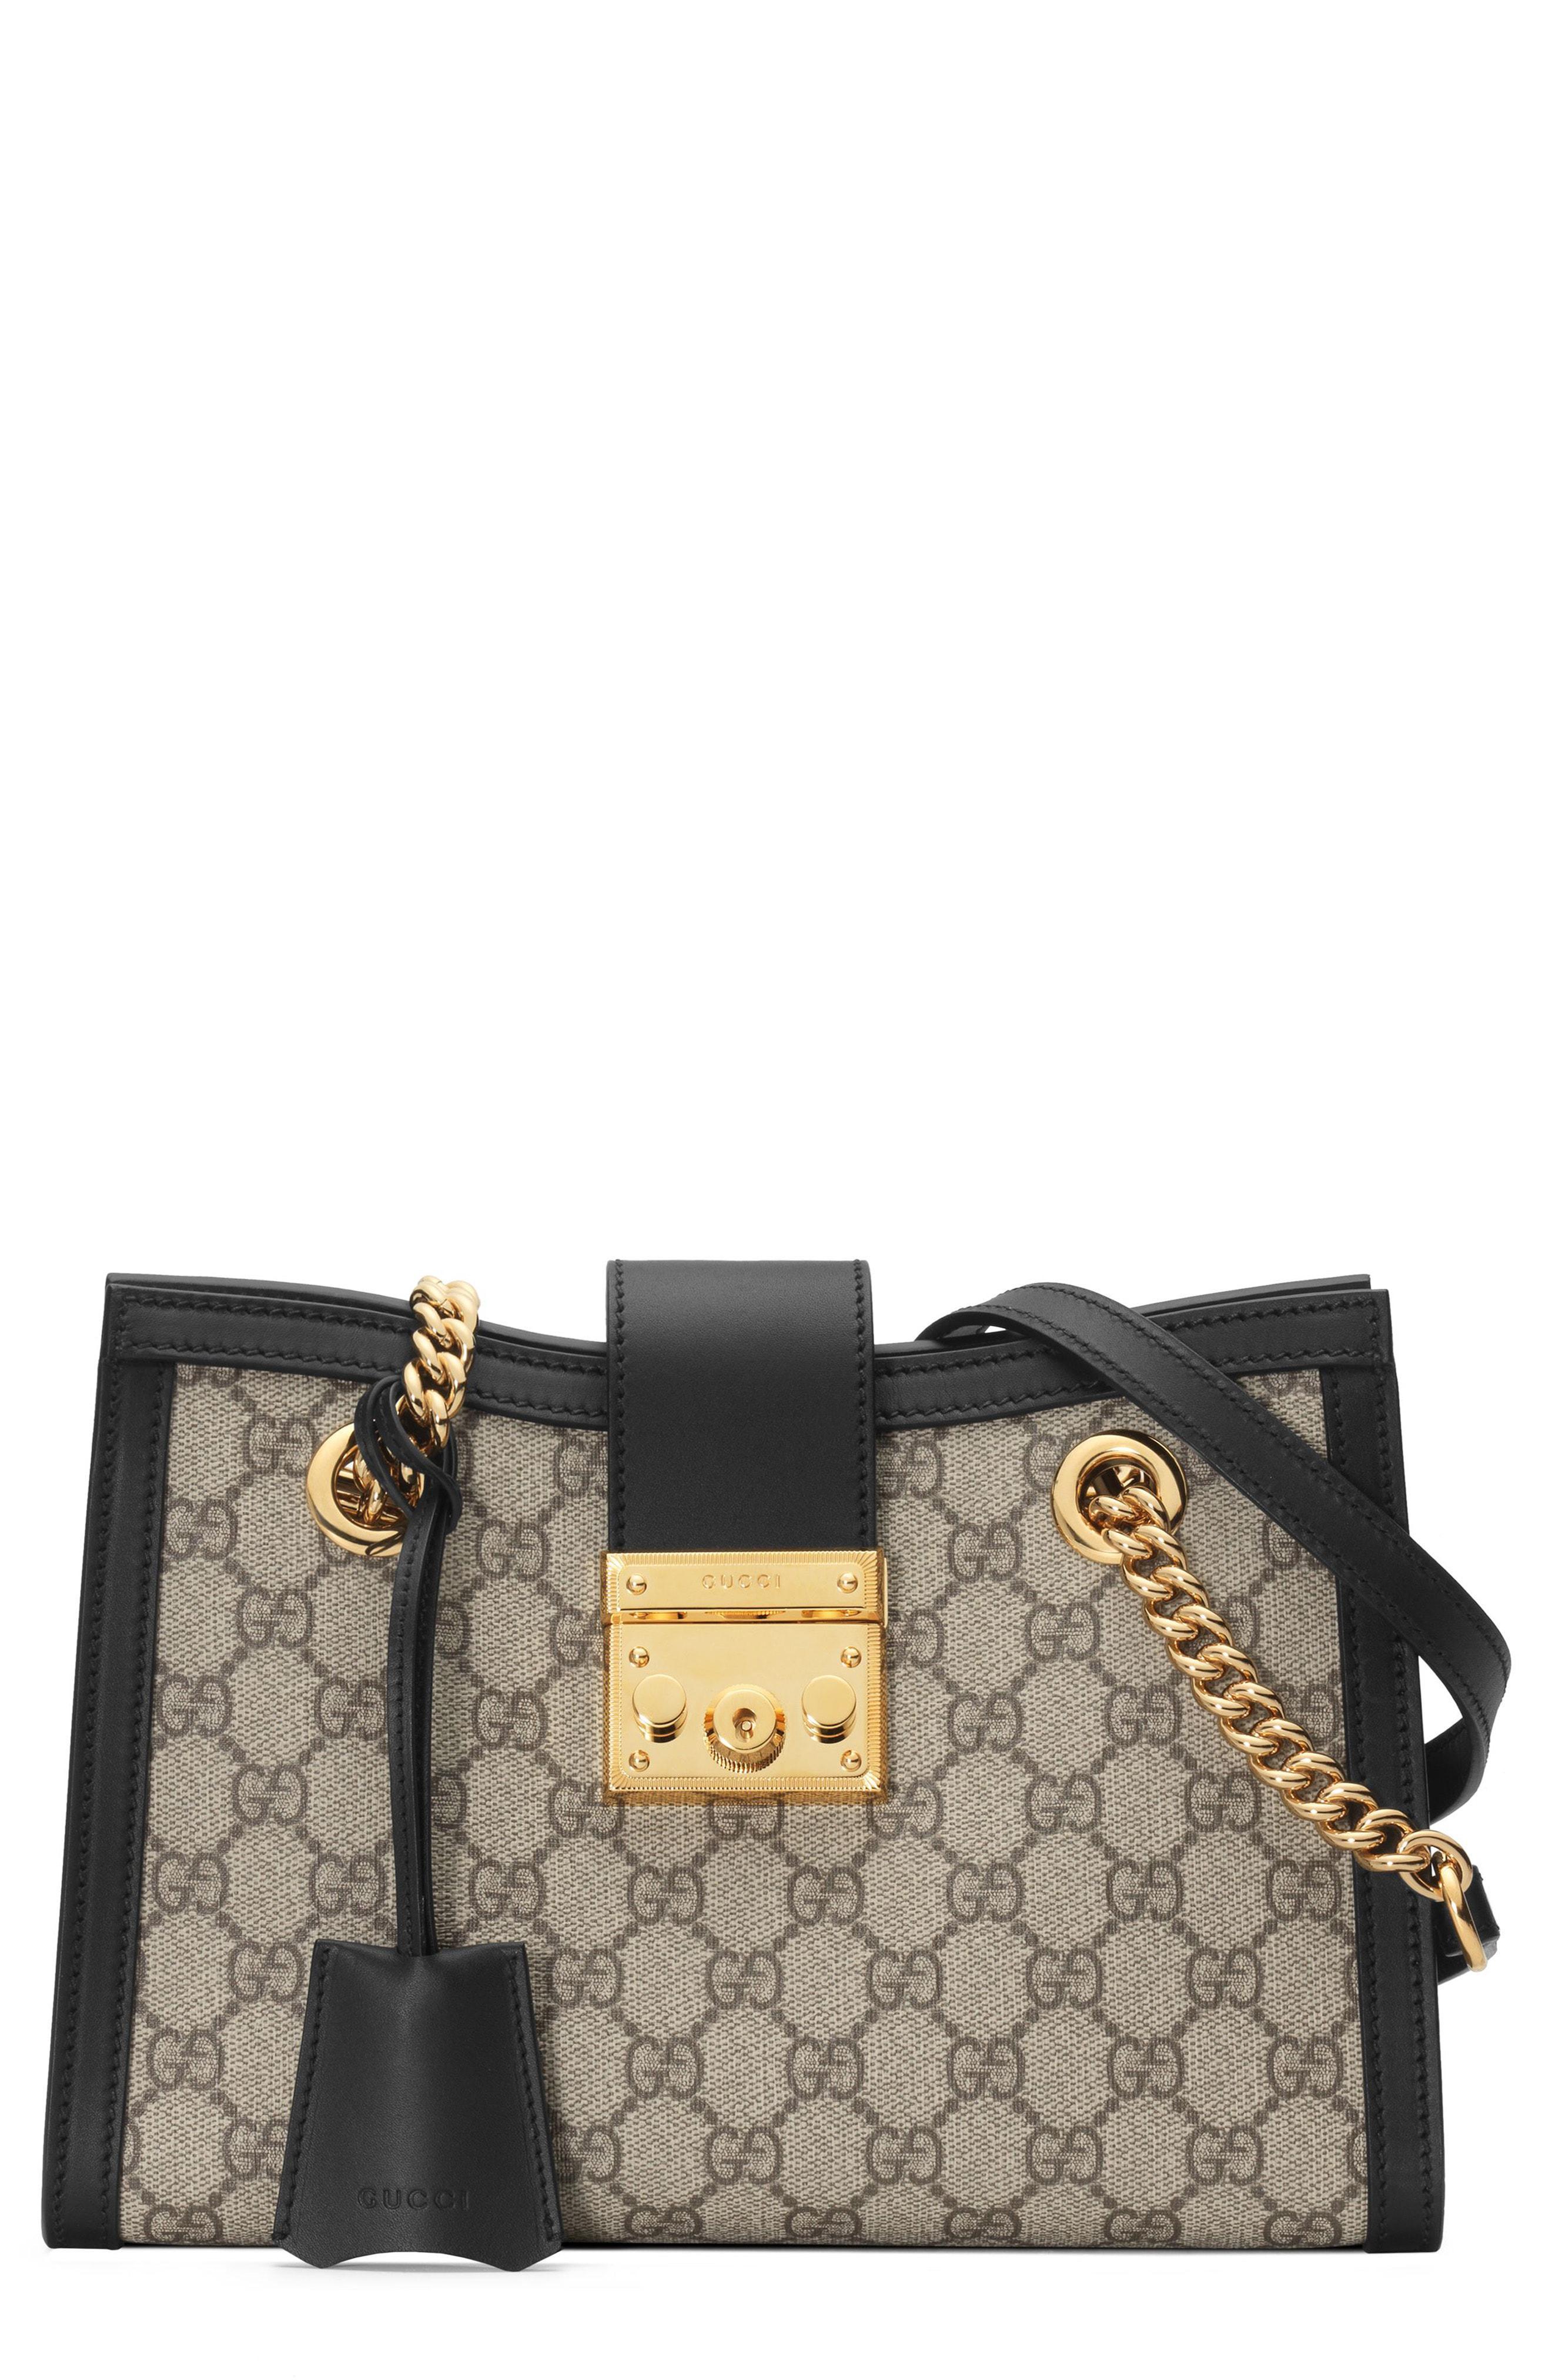 6c838fa1877d Gucci. Women s Padlock Small GG Shoulder Bag